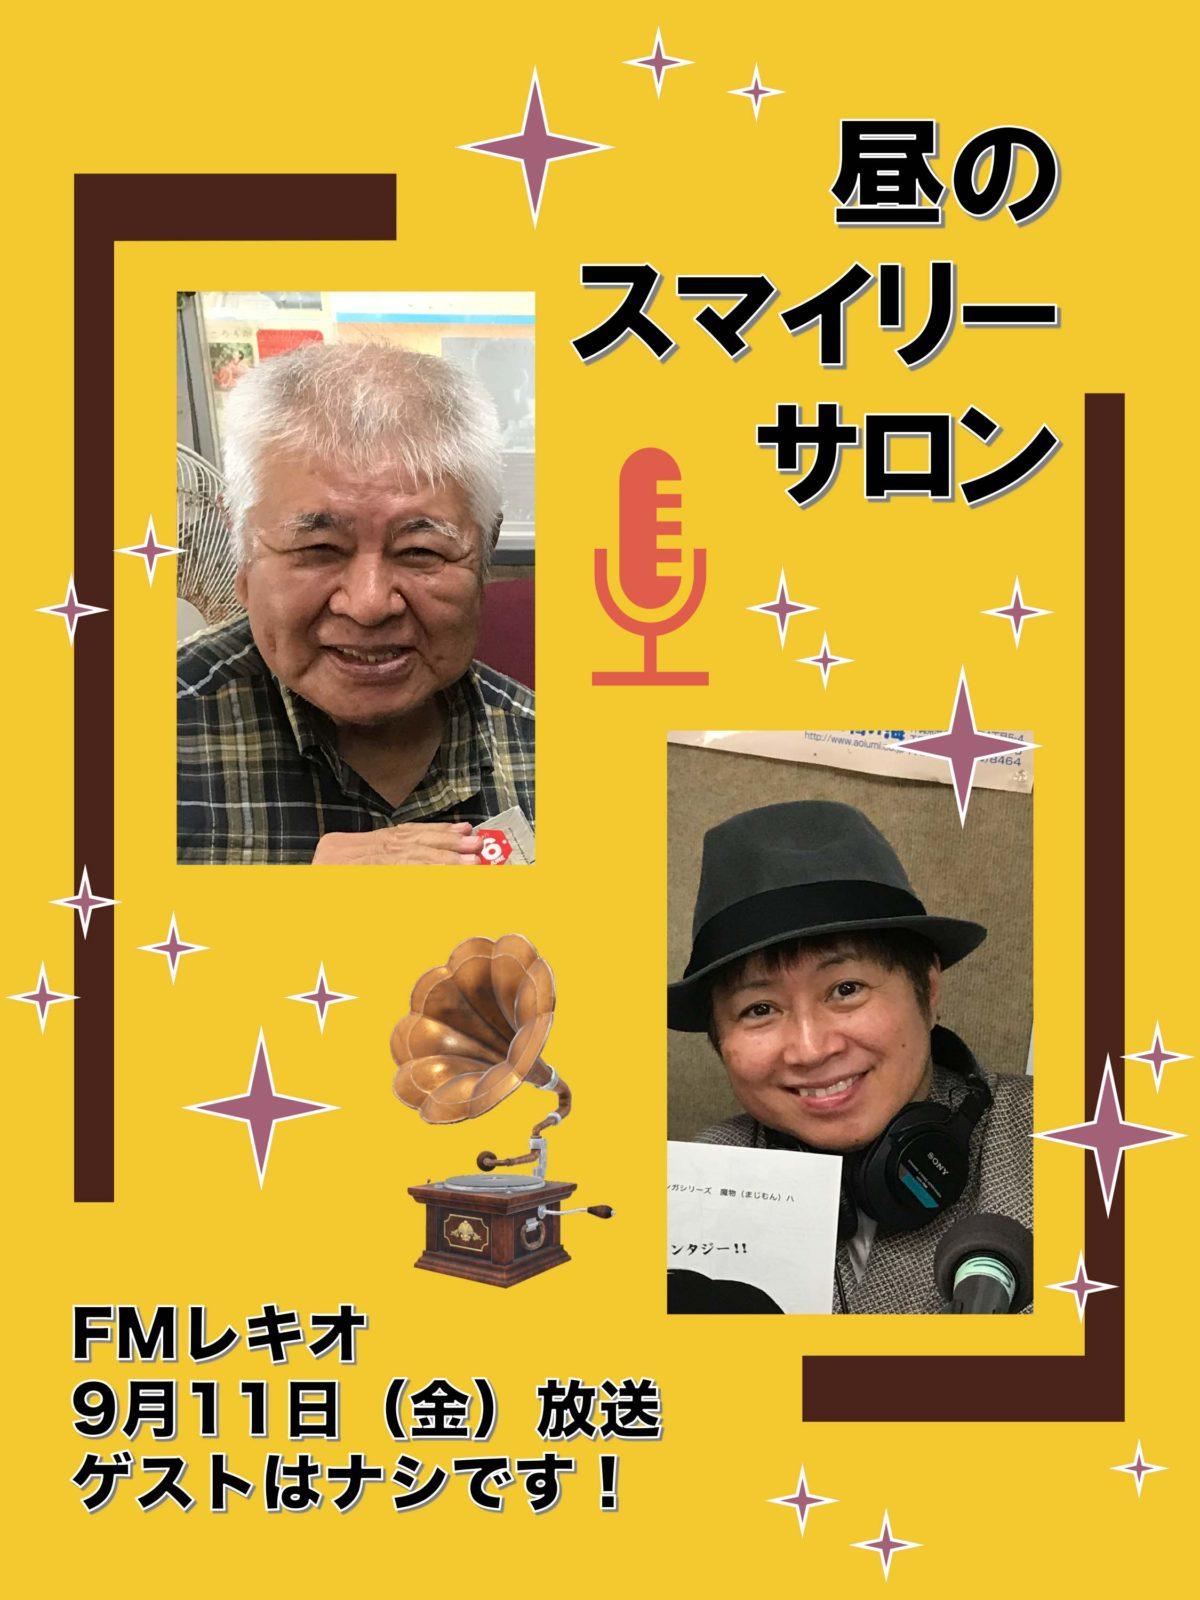 『昼のスマイリーサロン』スマイリーさんと編集長のみ! 9月11日(金)放送!